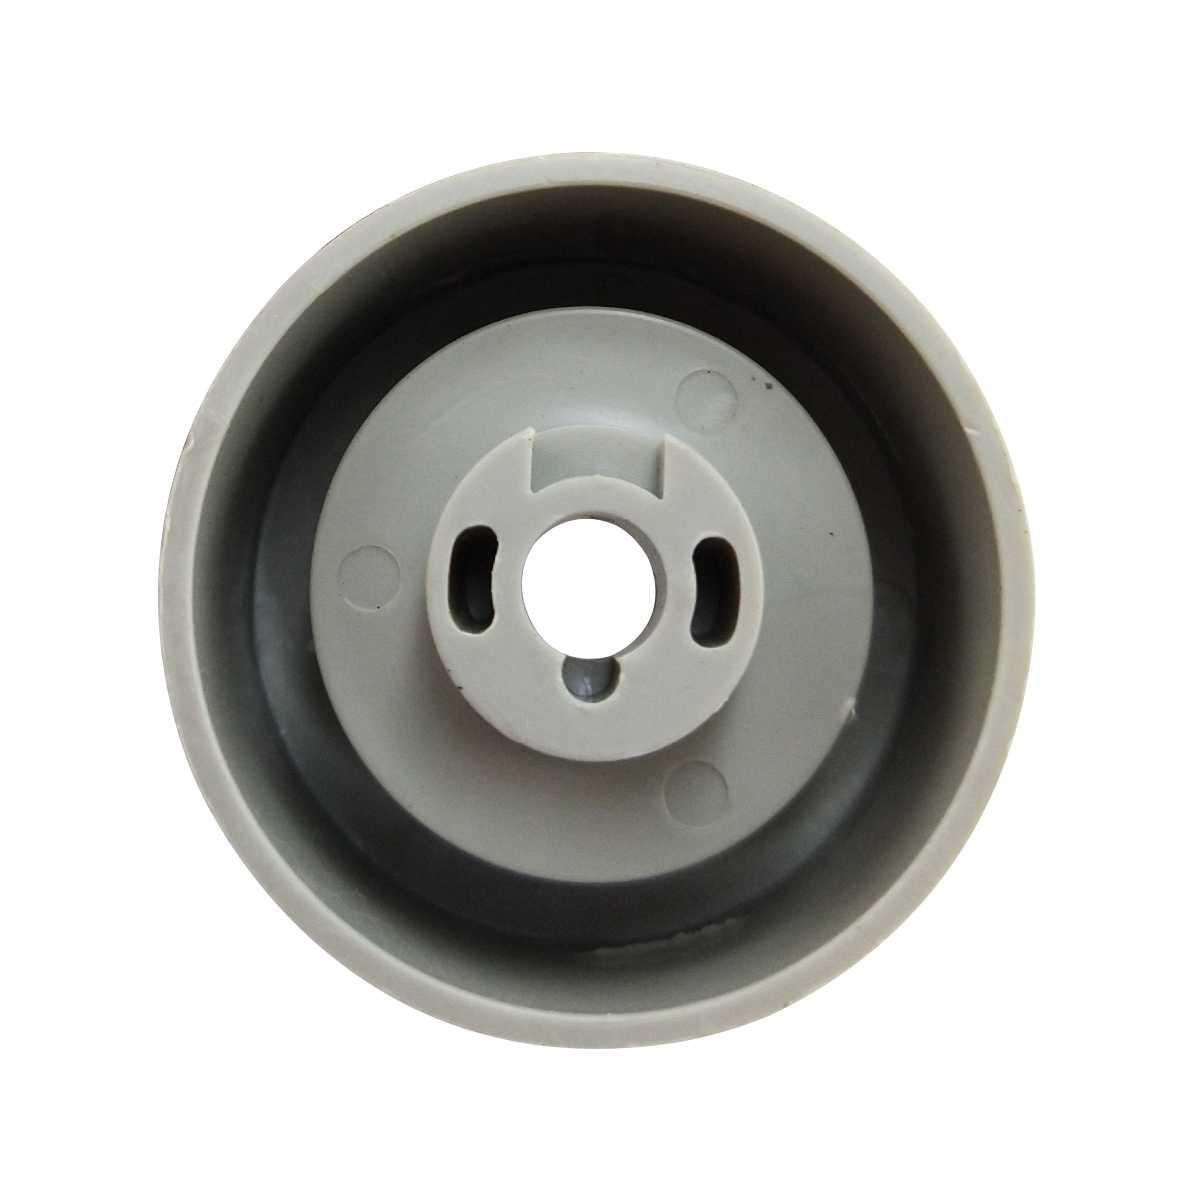 Botao do termostato com degelo Geladeira Consul